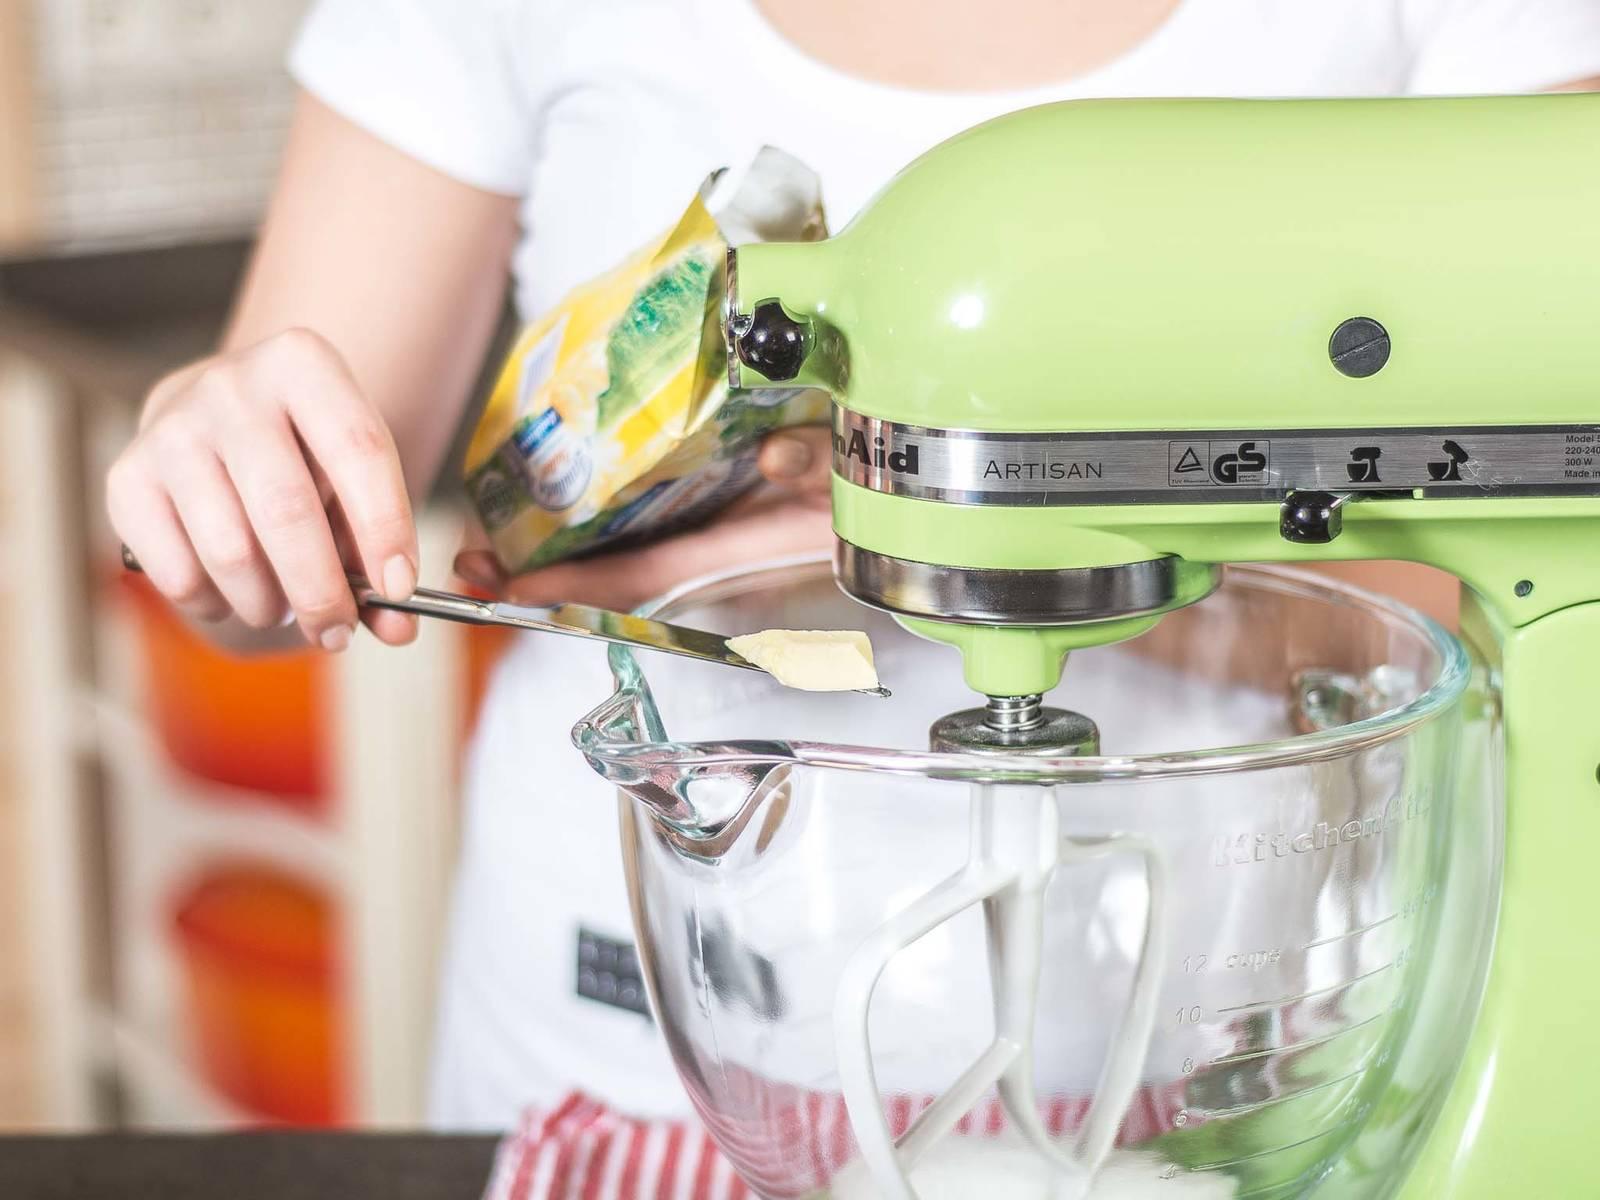 Backofen auf 180°C vorheizen. Für den Boden einen Teil der kalten gewürfelten Butter, Zucker, Milch und eine Prise Salz vermengen. Anschließend Mehl hinzugeben und zu einem glatten Teig verarbeiten.